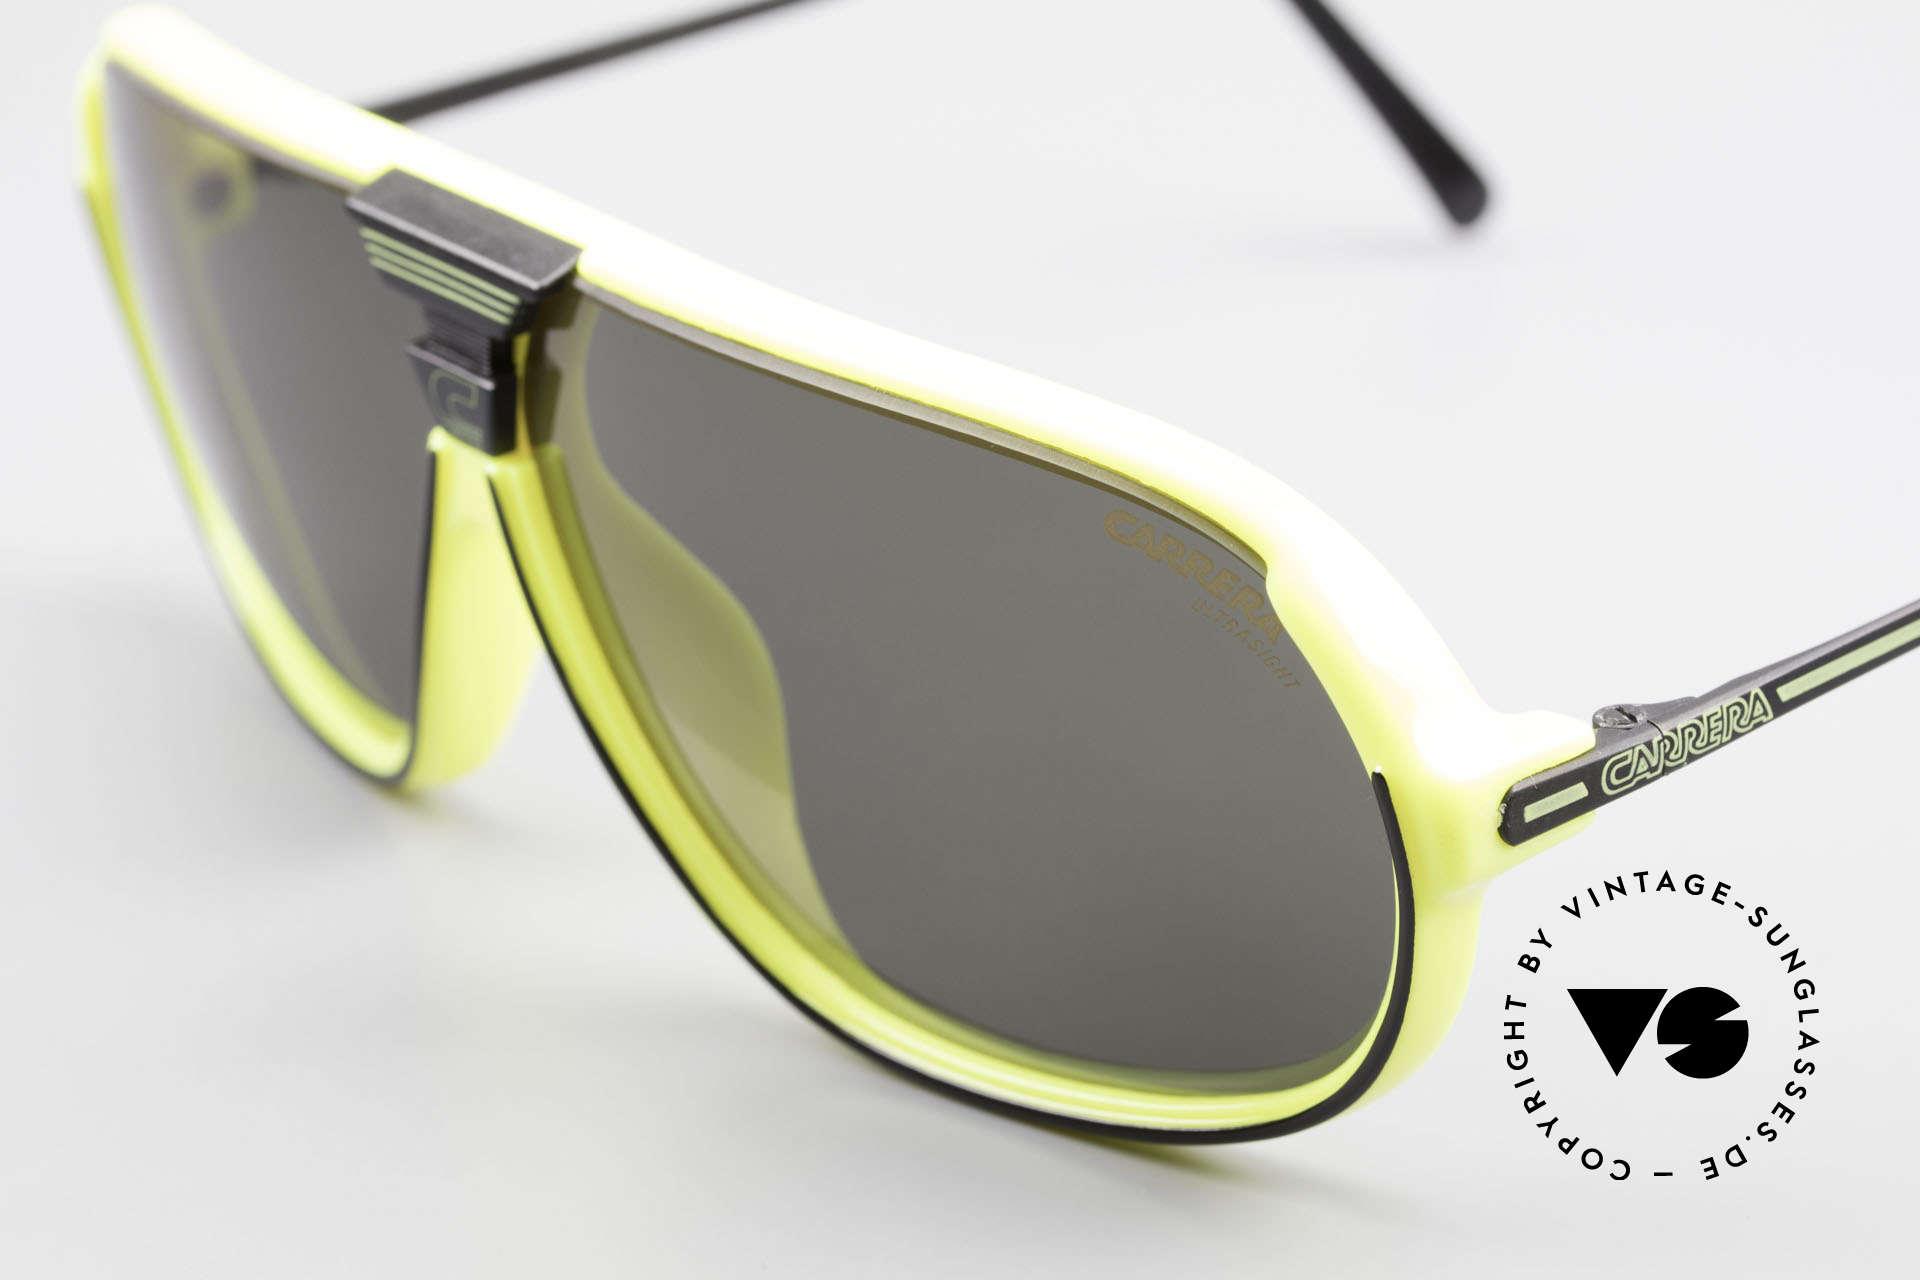 Carrera 5416 80's Sonnenbrille Polarisierend, eine Symbiose aus Sport und modischem Lifestyle!, Passend für Herren